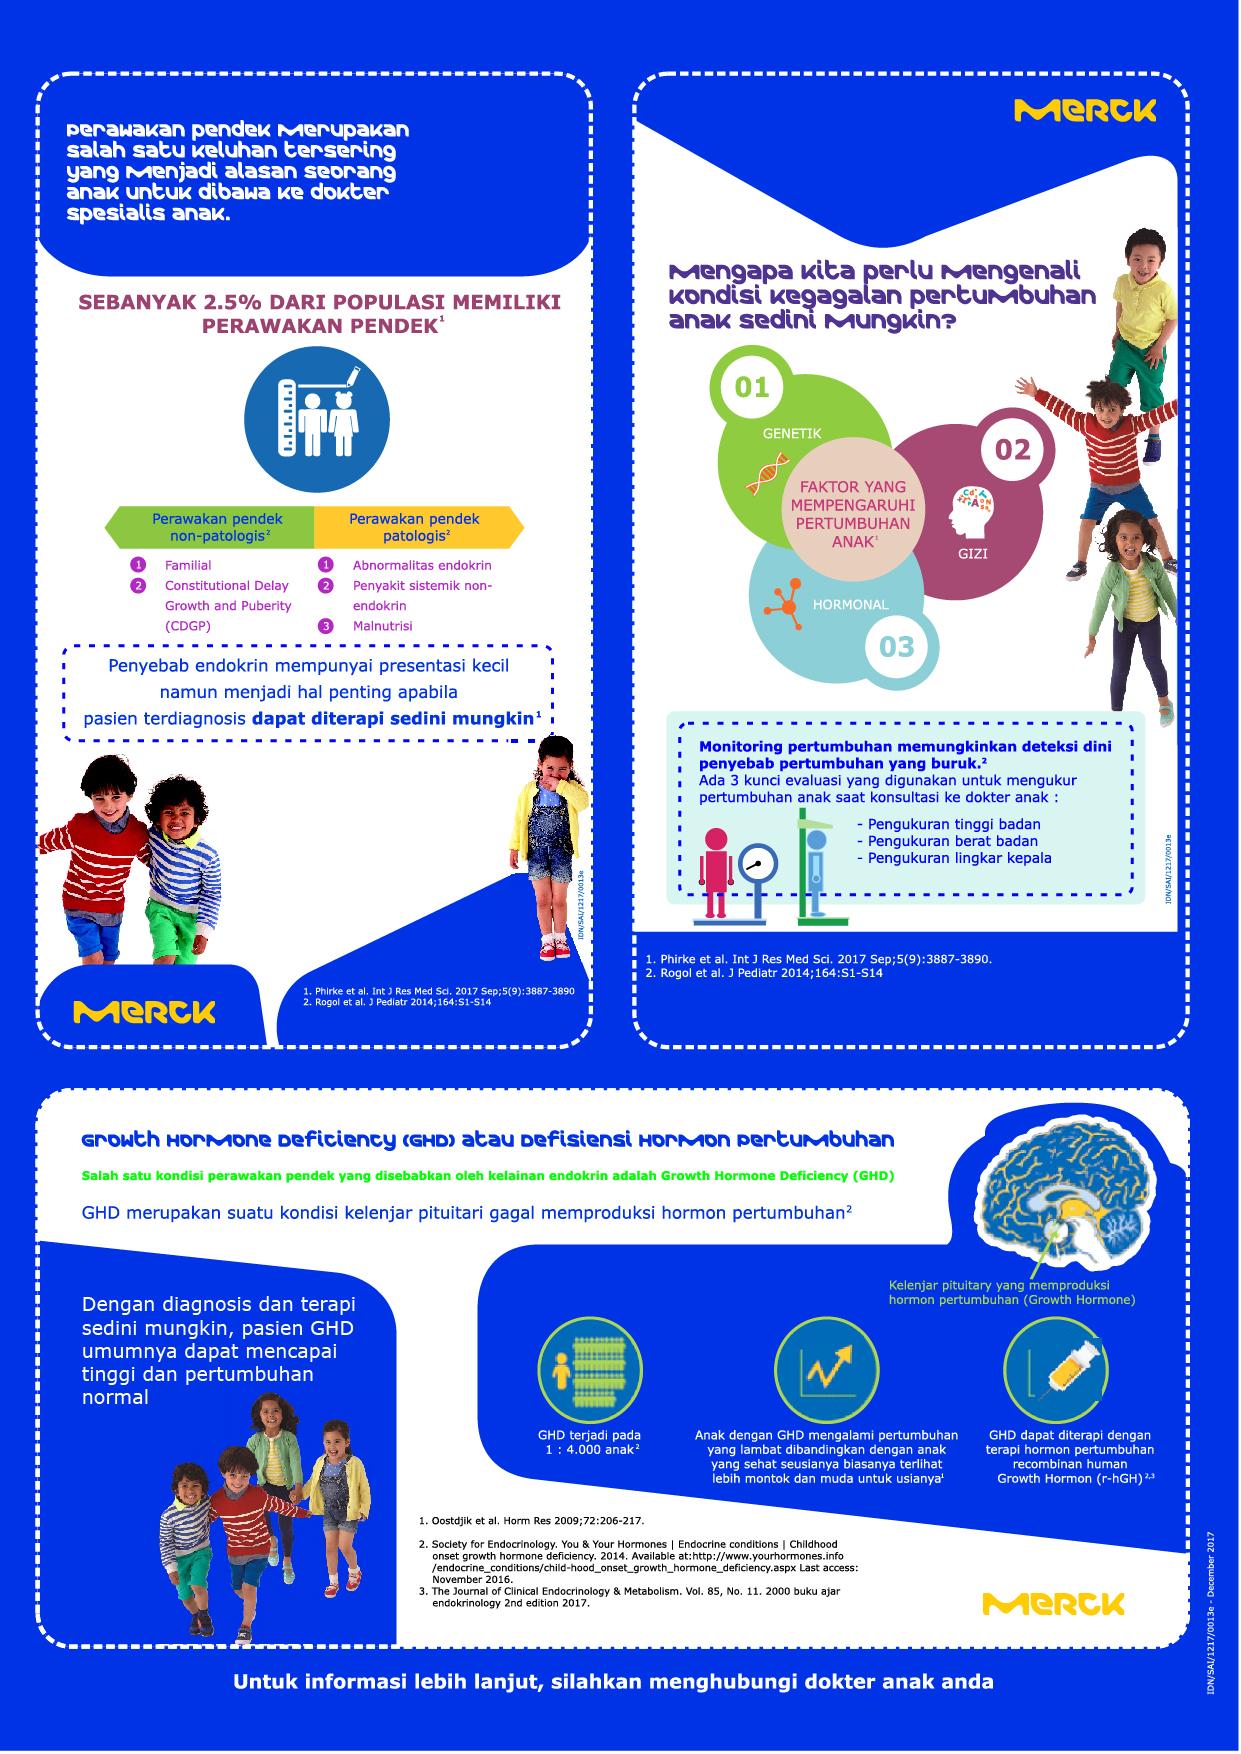 Merck Infographic